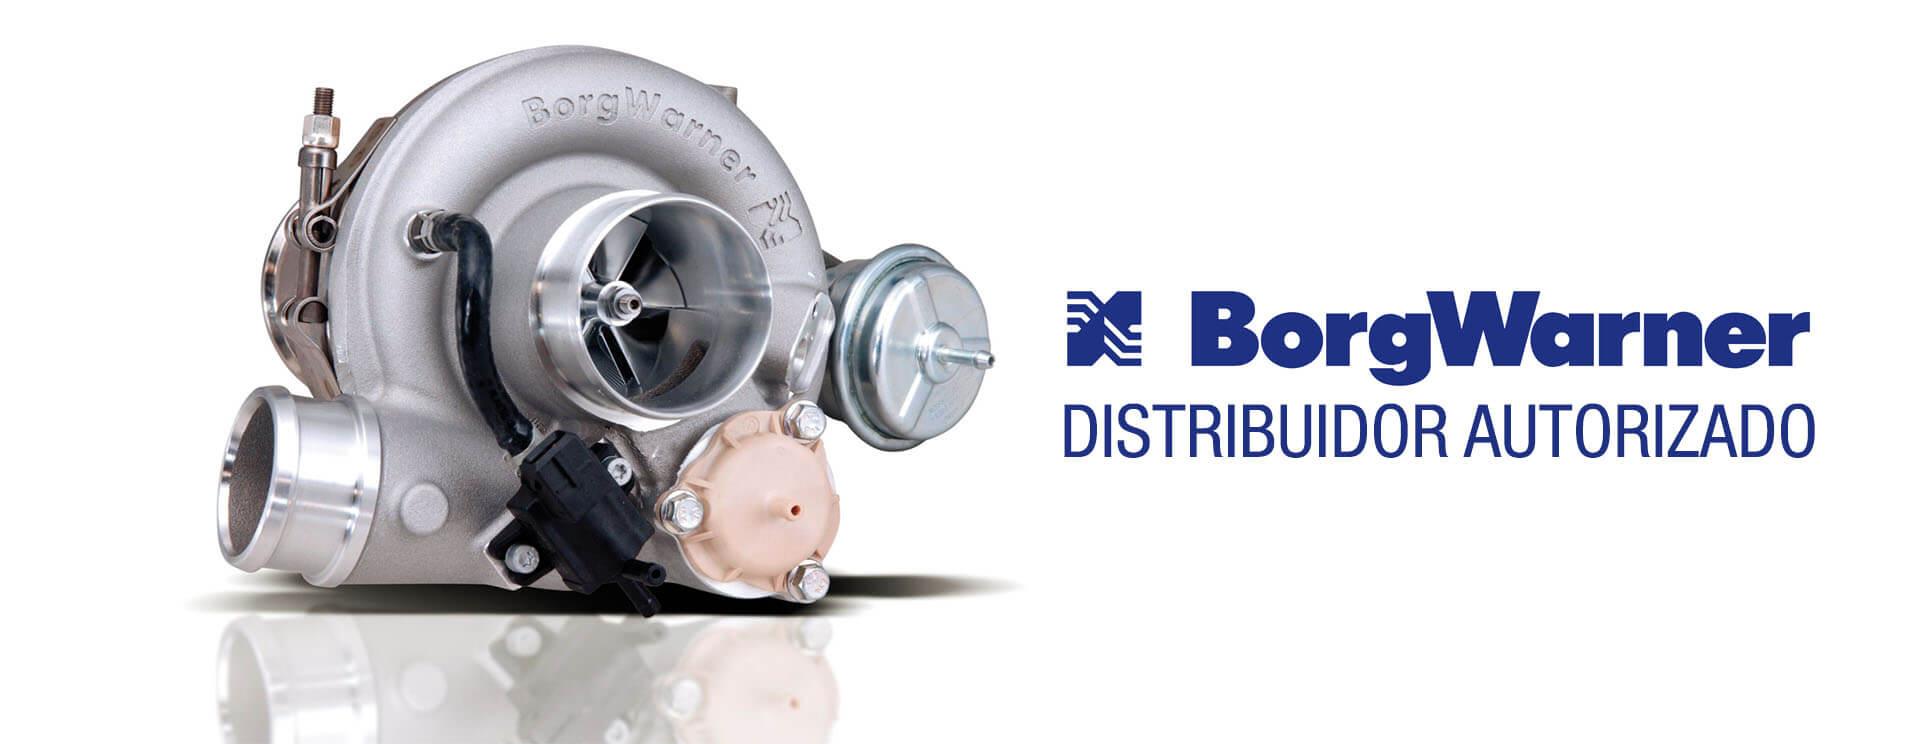 Control Parts distribuidora de Turbos Borgwarner